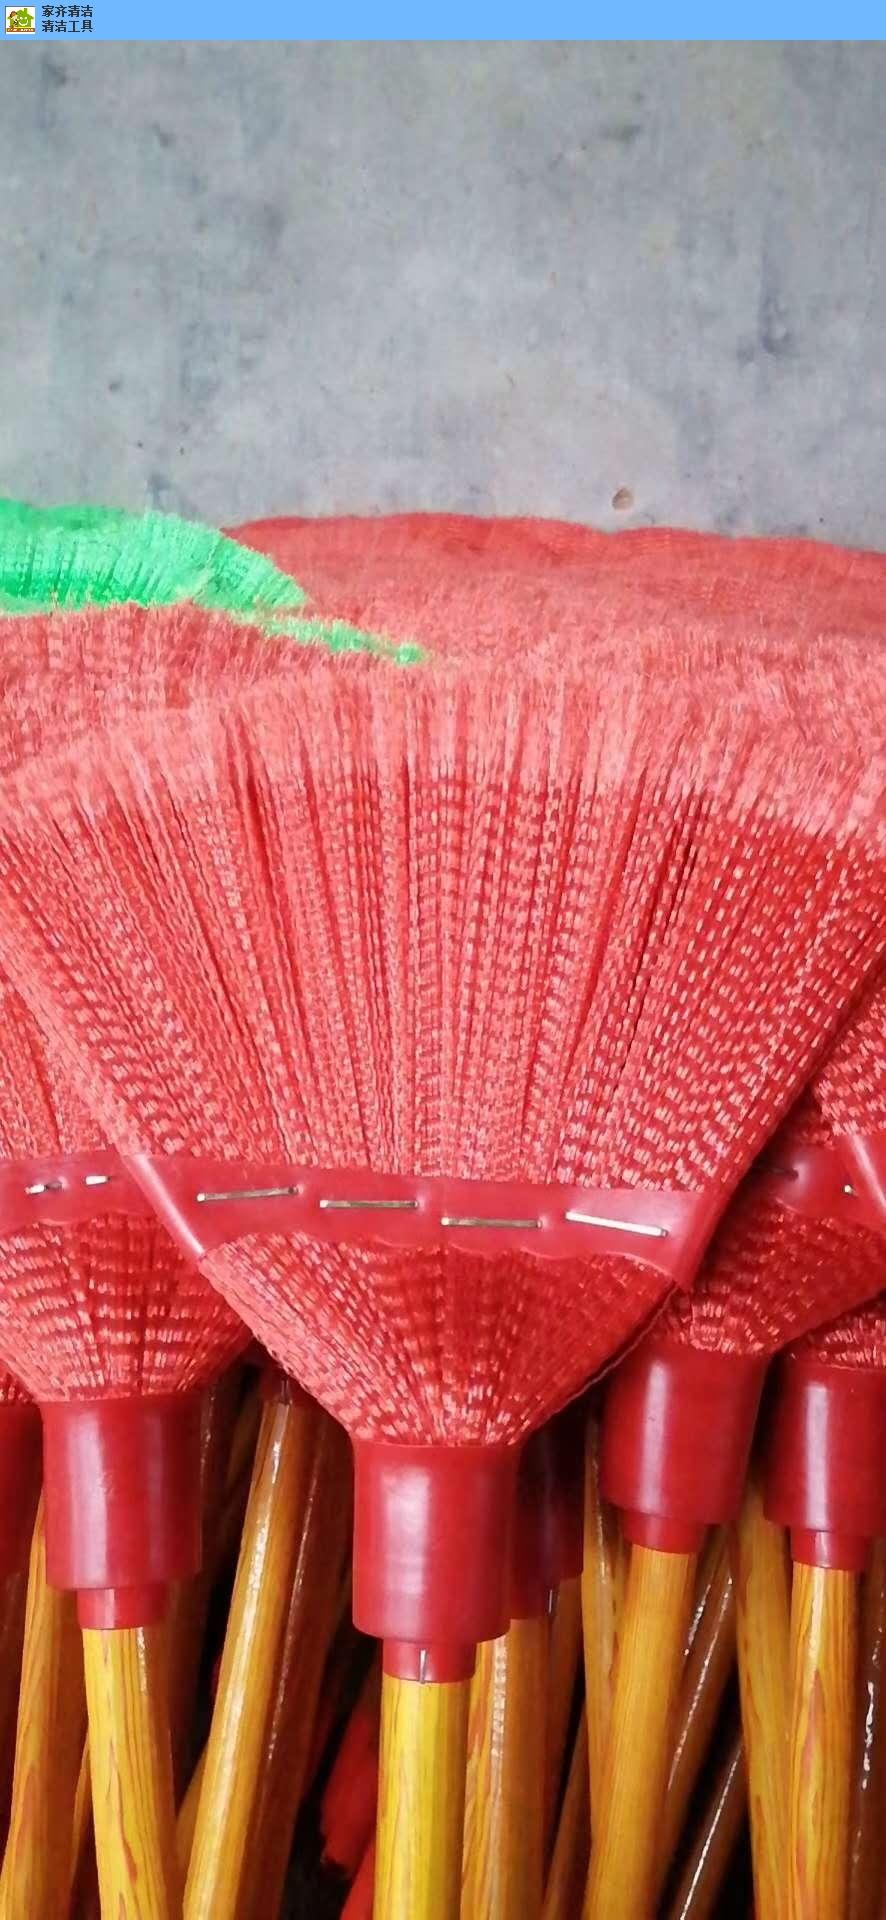 合肥车间清洁工具价格 服务至上 萧县家齐清洁制品供应